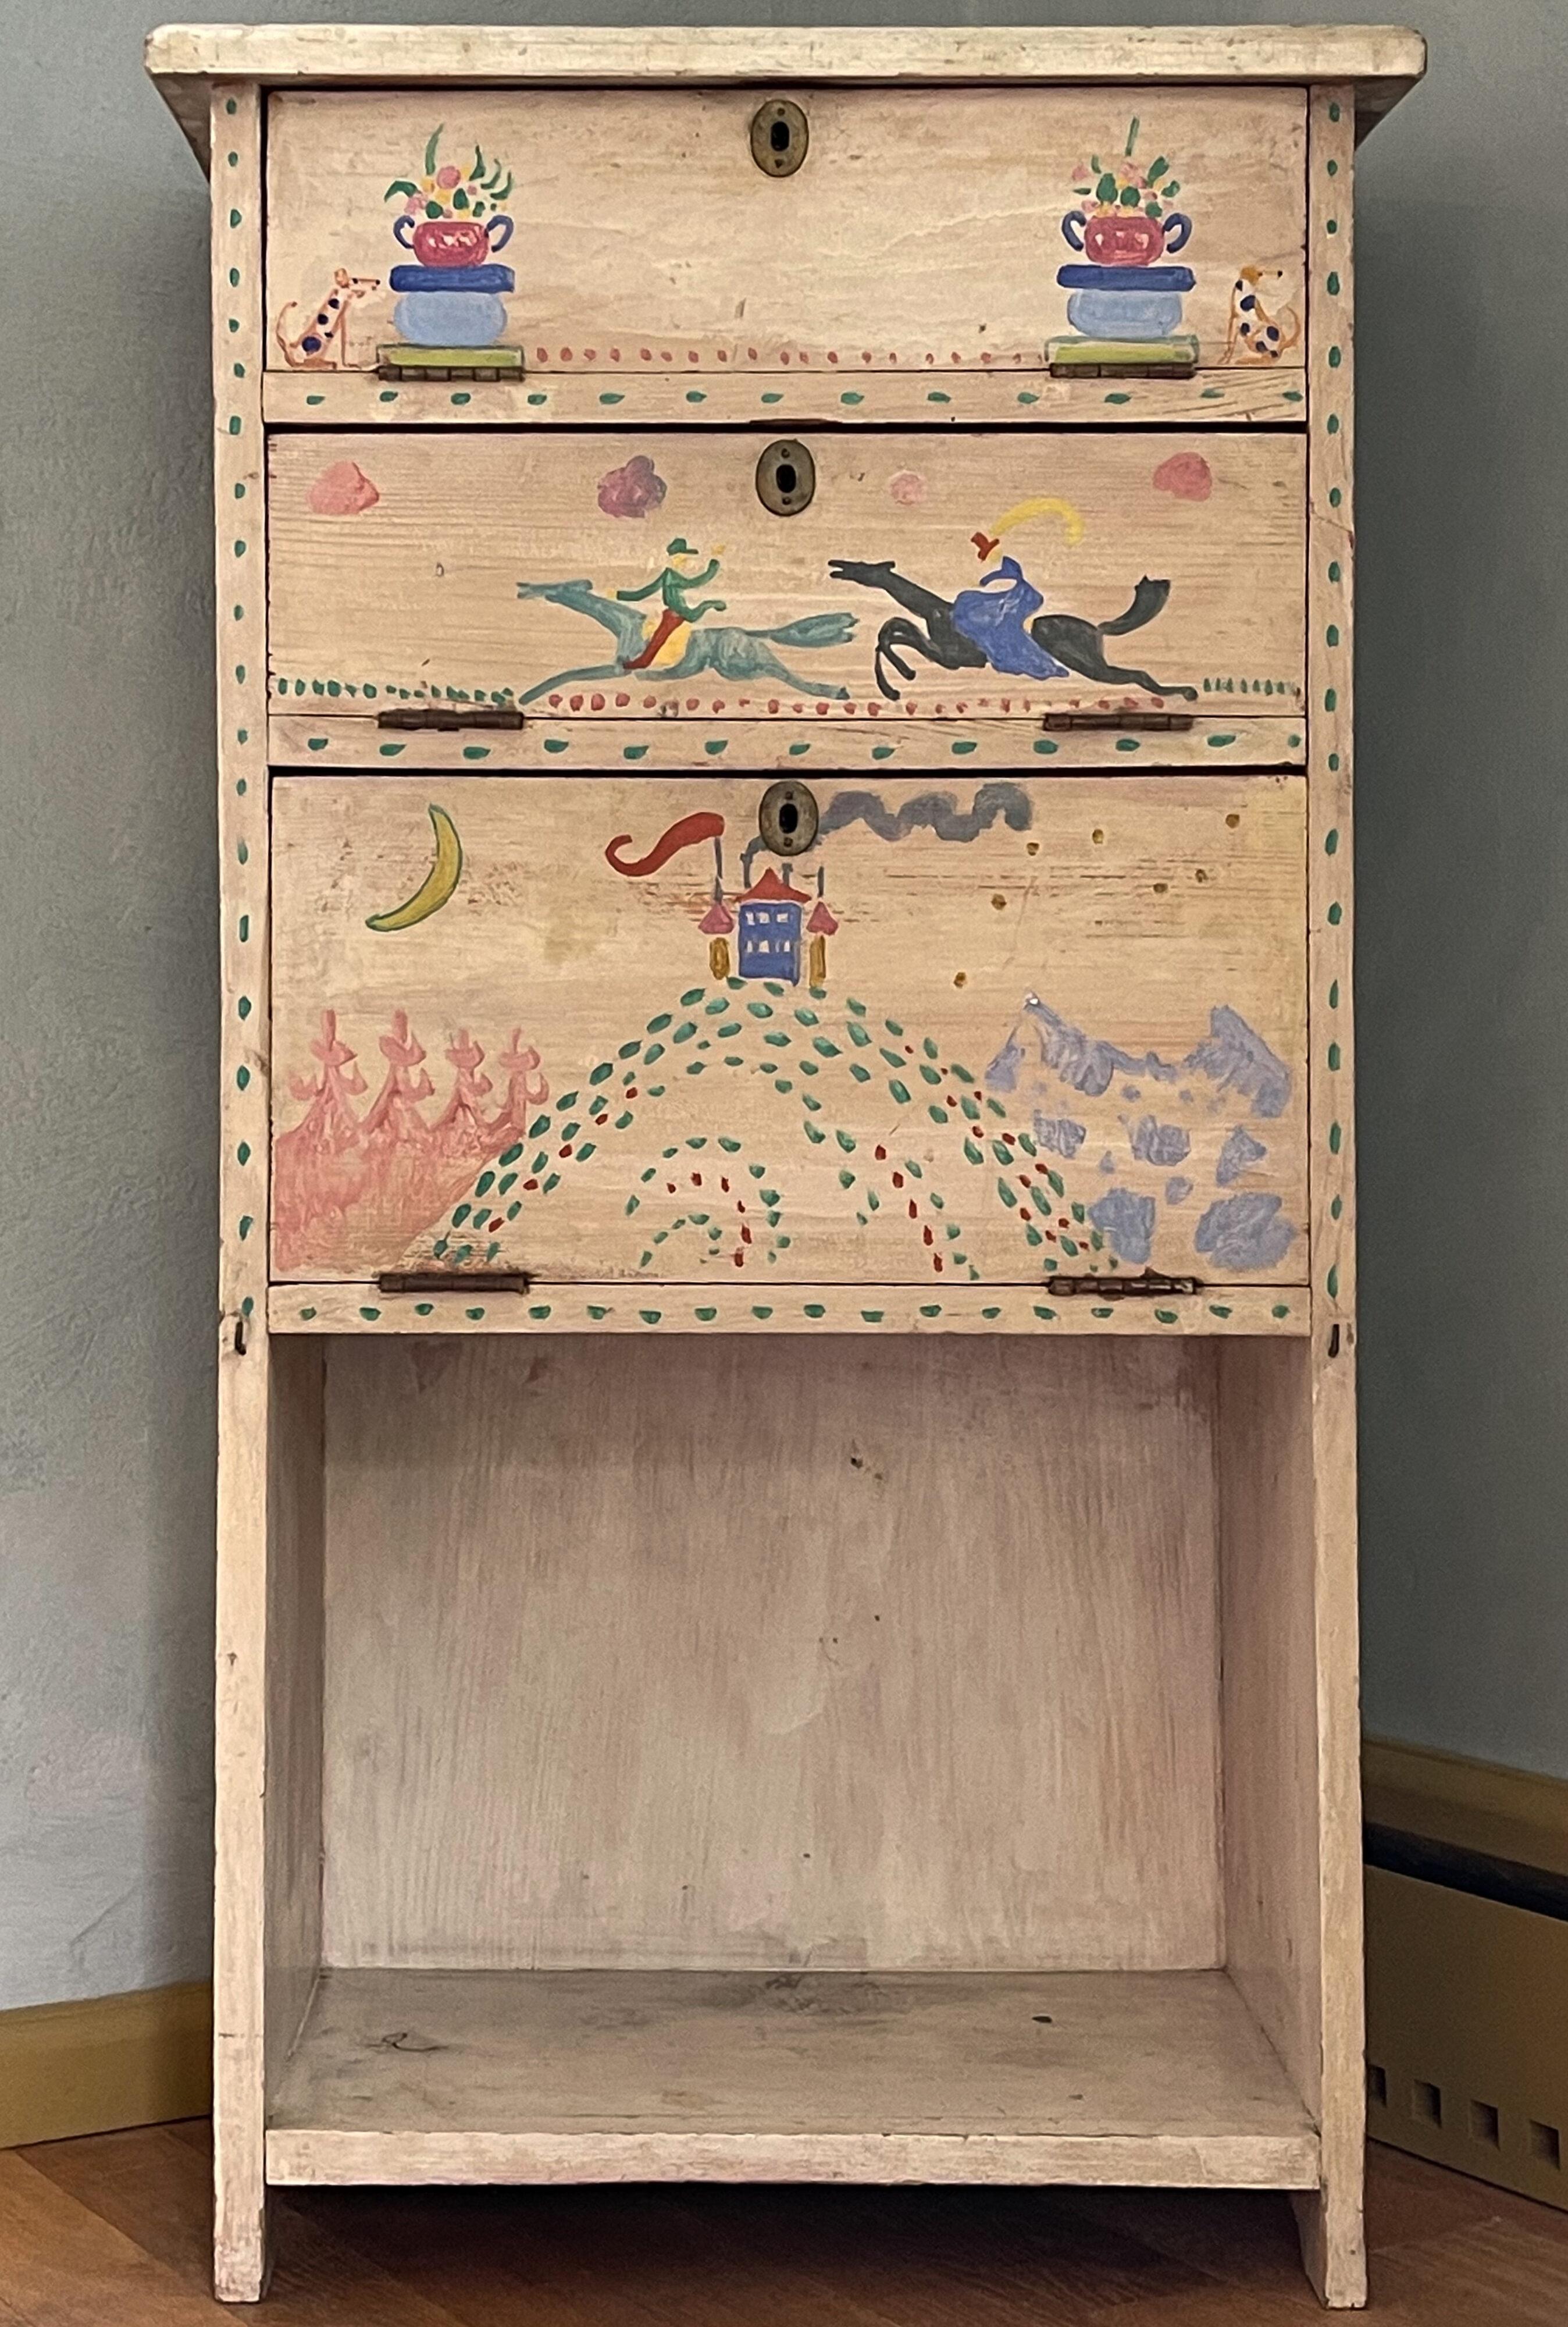 Toilettenschränkchen von Gabriele Münter, bemalt von Kandinsky